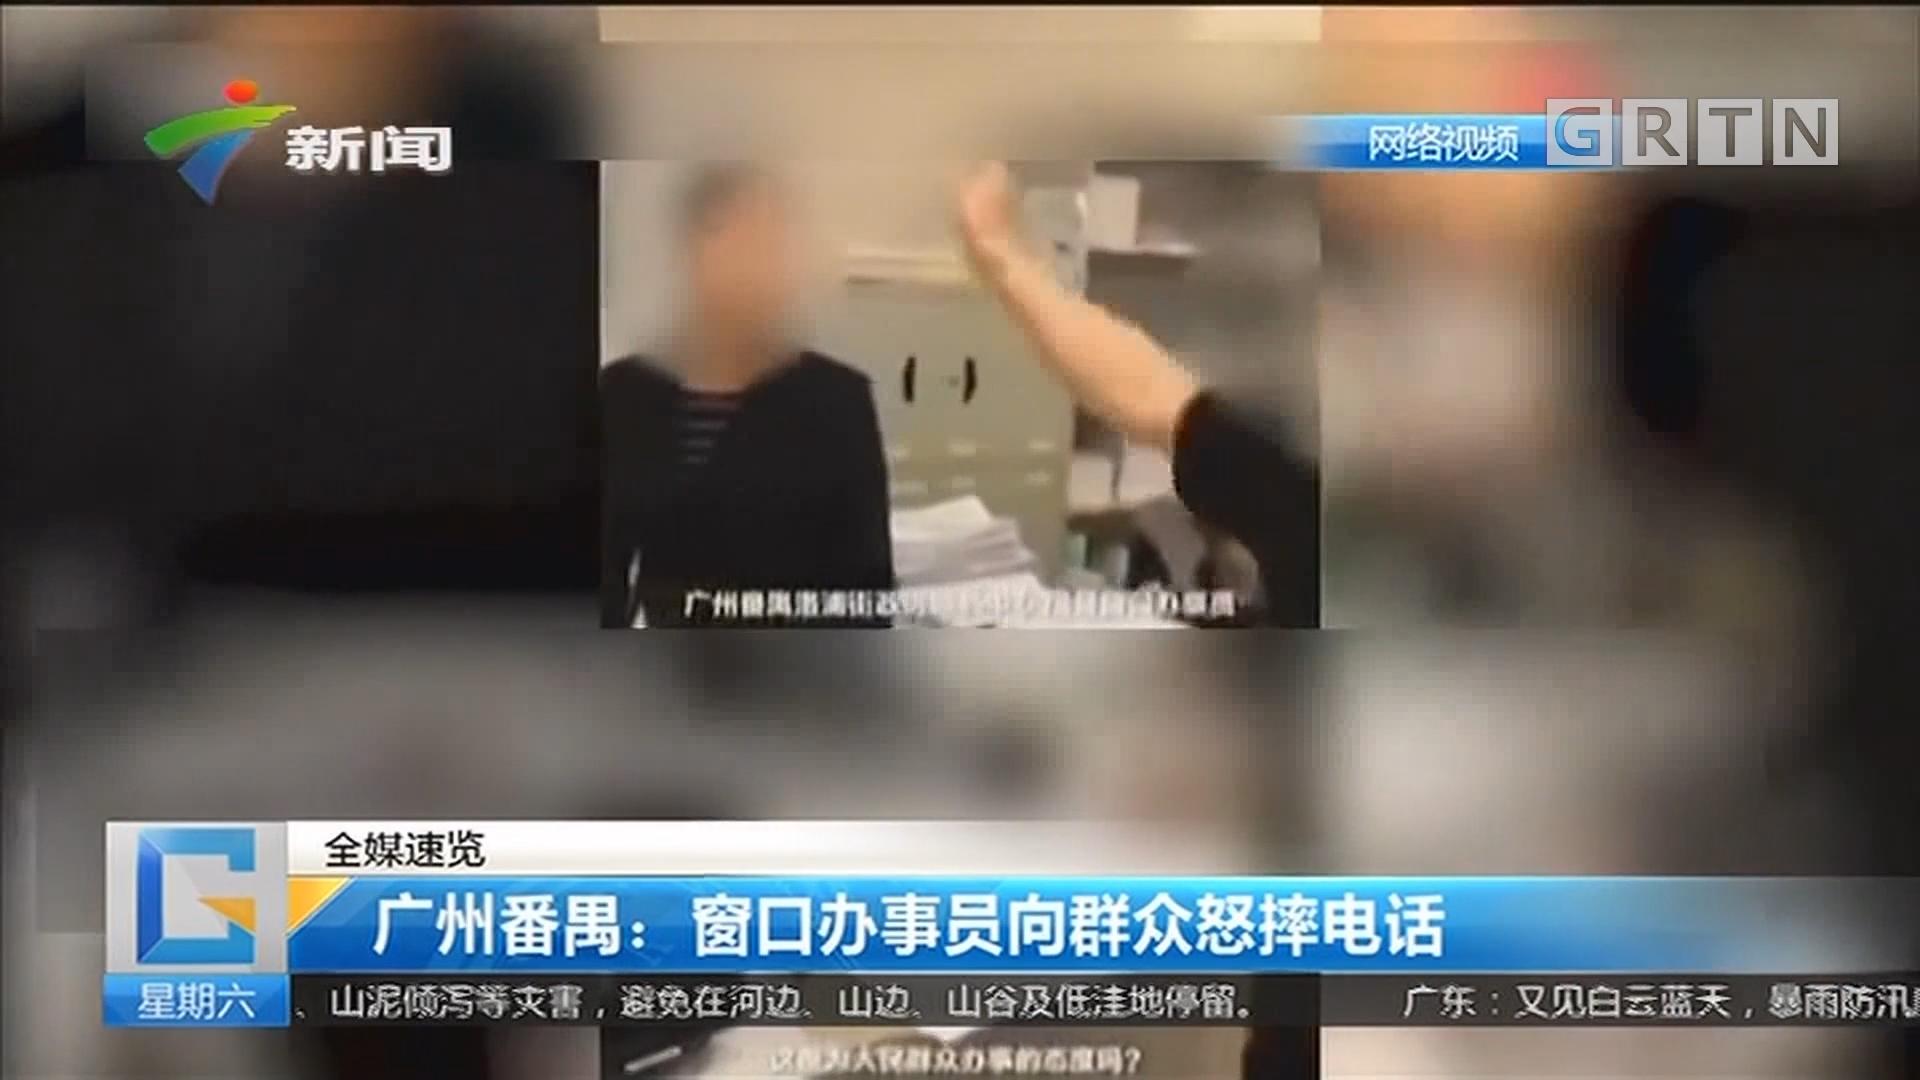 全媒速览 广州番禺:窗口办事员向群众怒摔电话